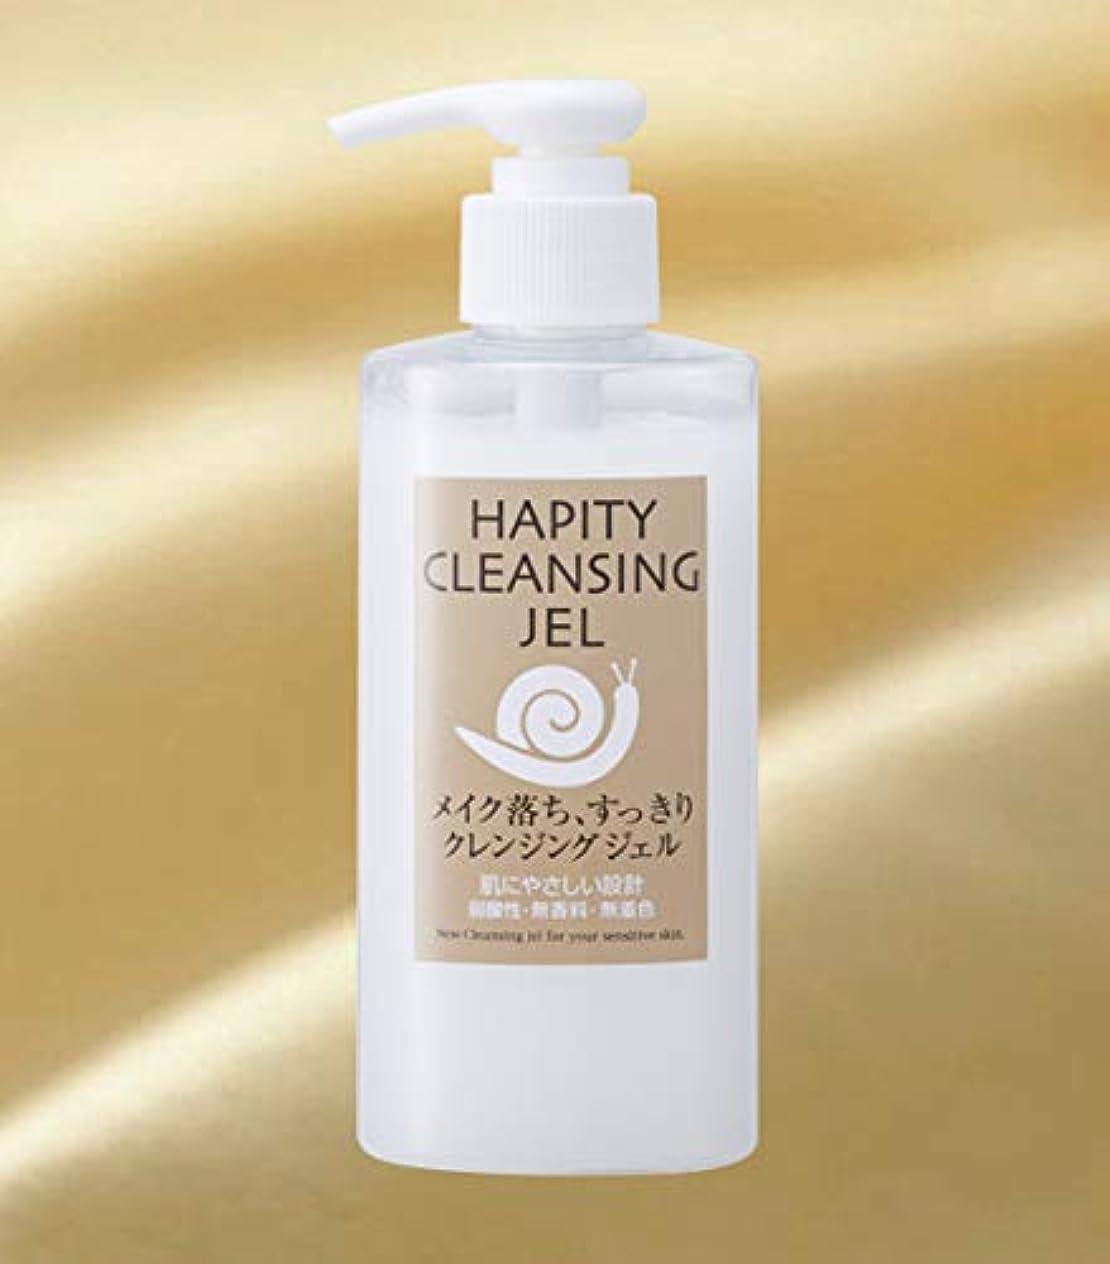 ご意見産地徴収ハピティ クレンジングジェル (200g) Hapity Cleansing Jel